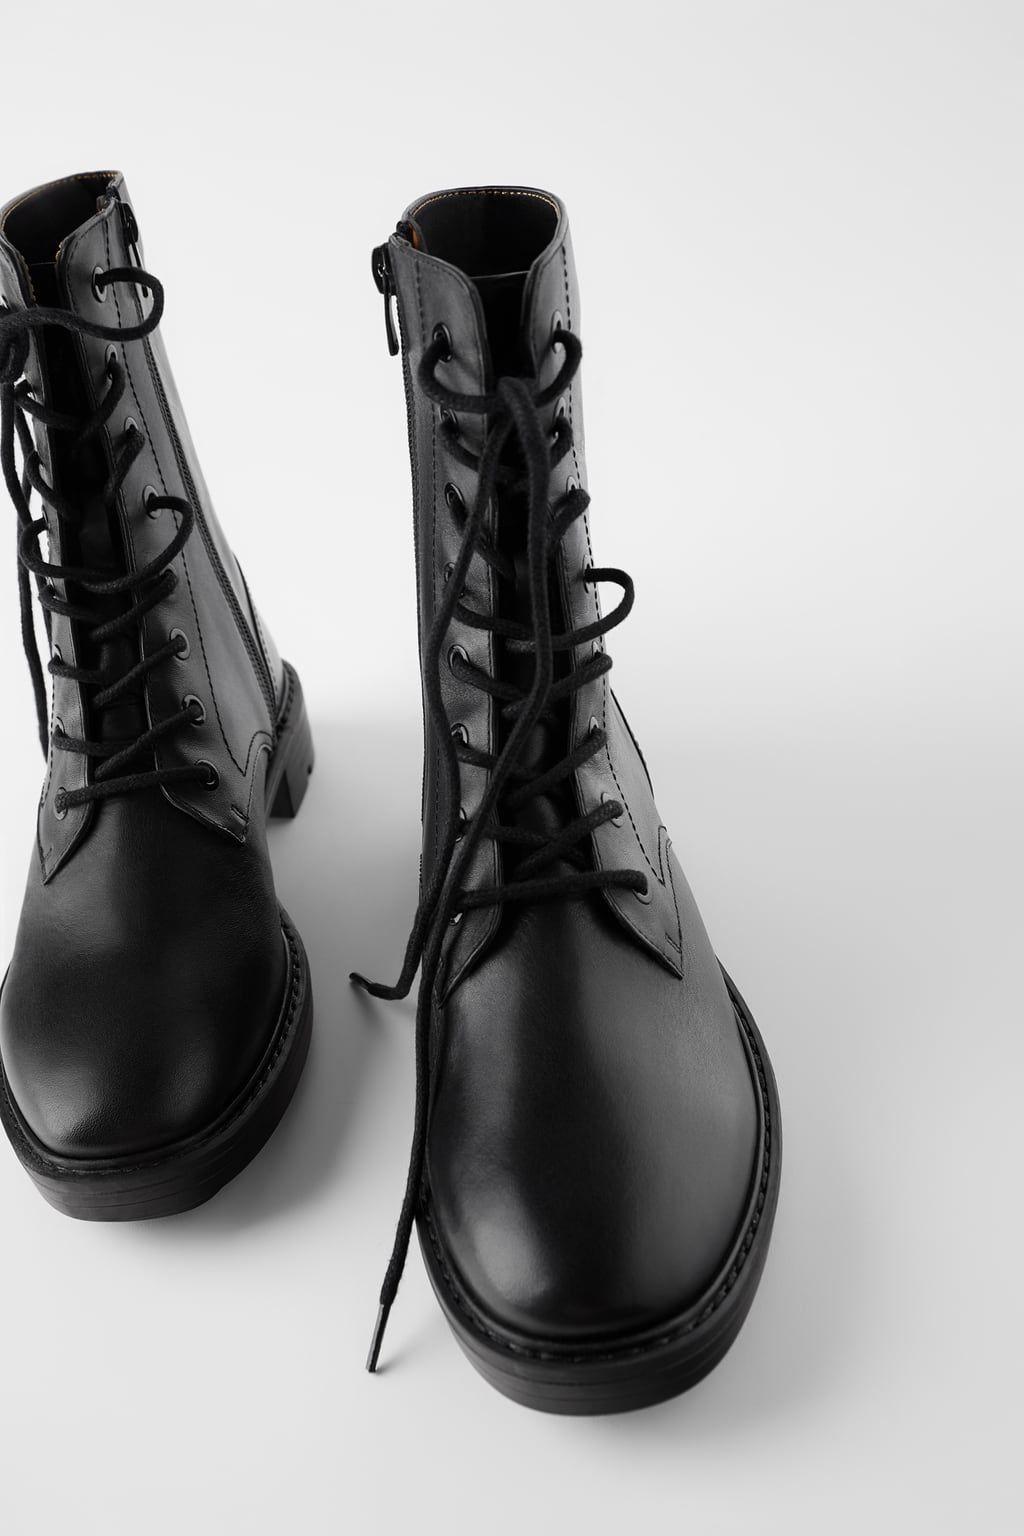 Кожаные ботинки в байкерском стиле ЖЕНЩИНЫ БЕСТСЕЛЛЕРЫ